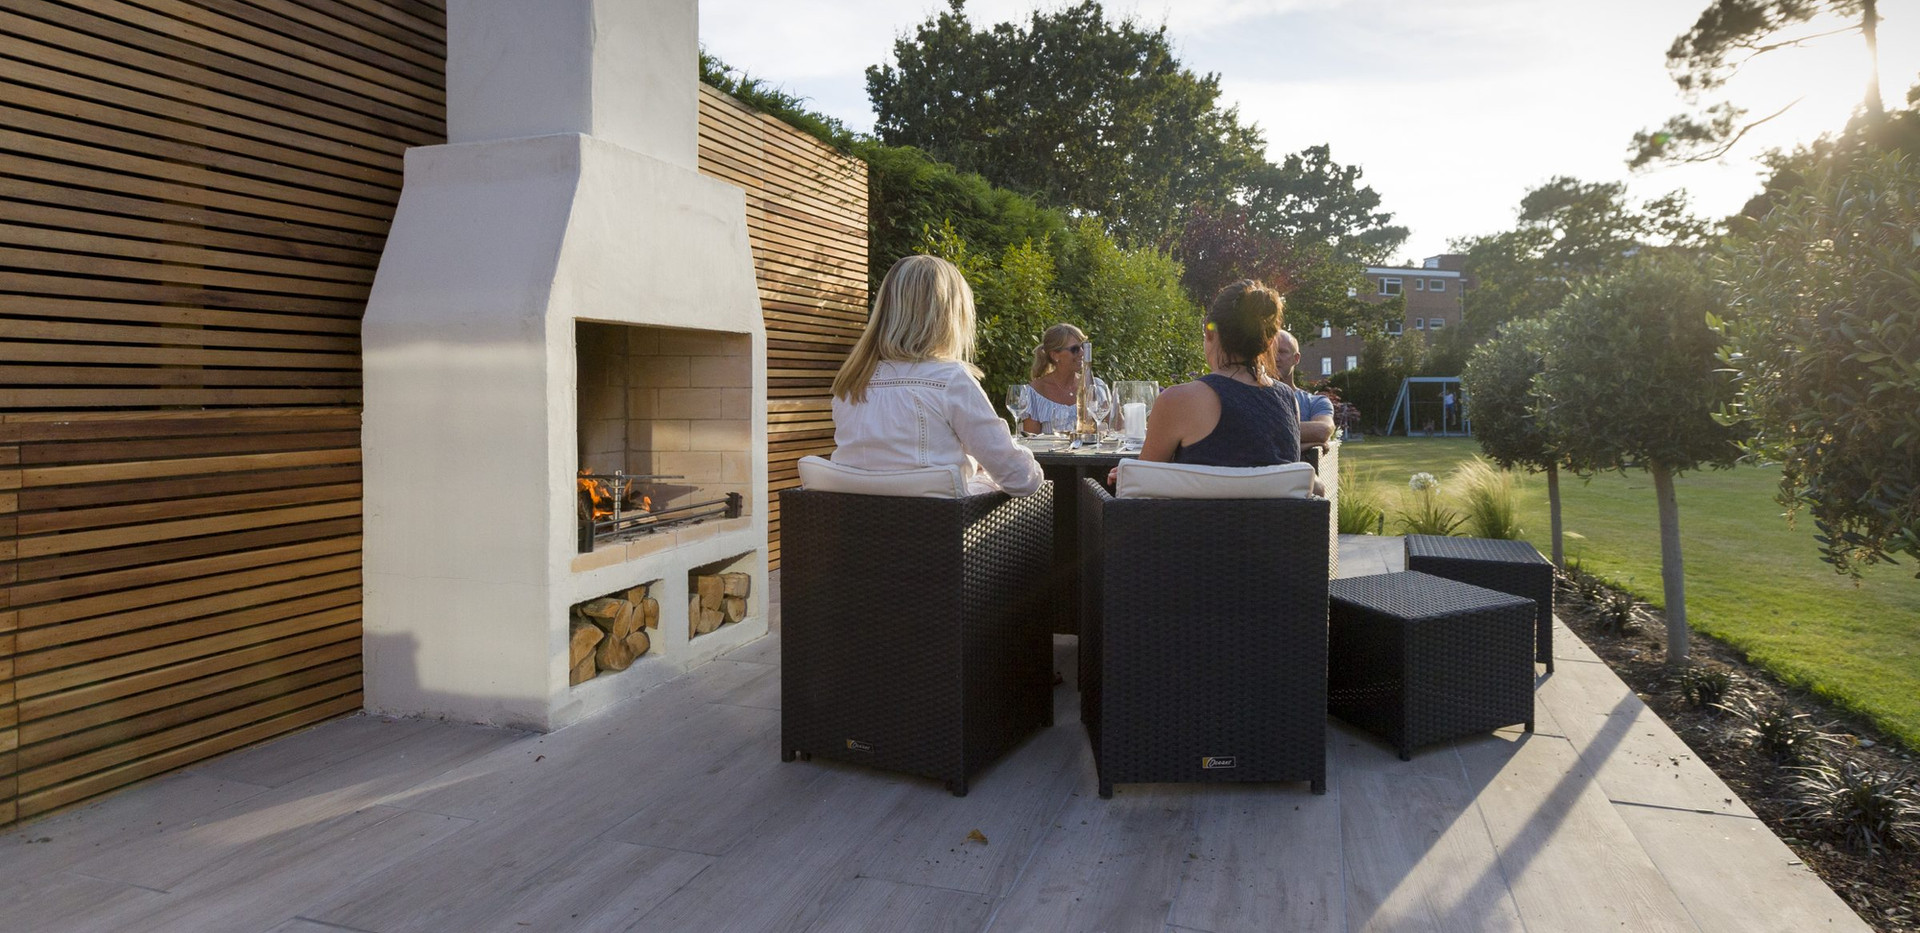 Schiedel woodburning Garden Fireplaces